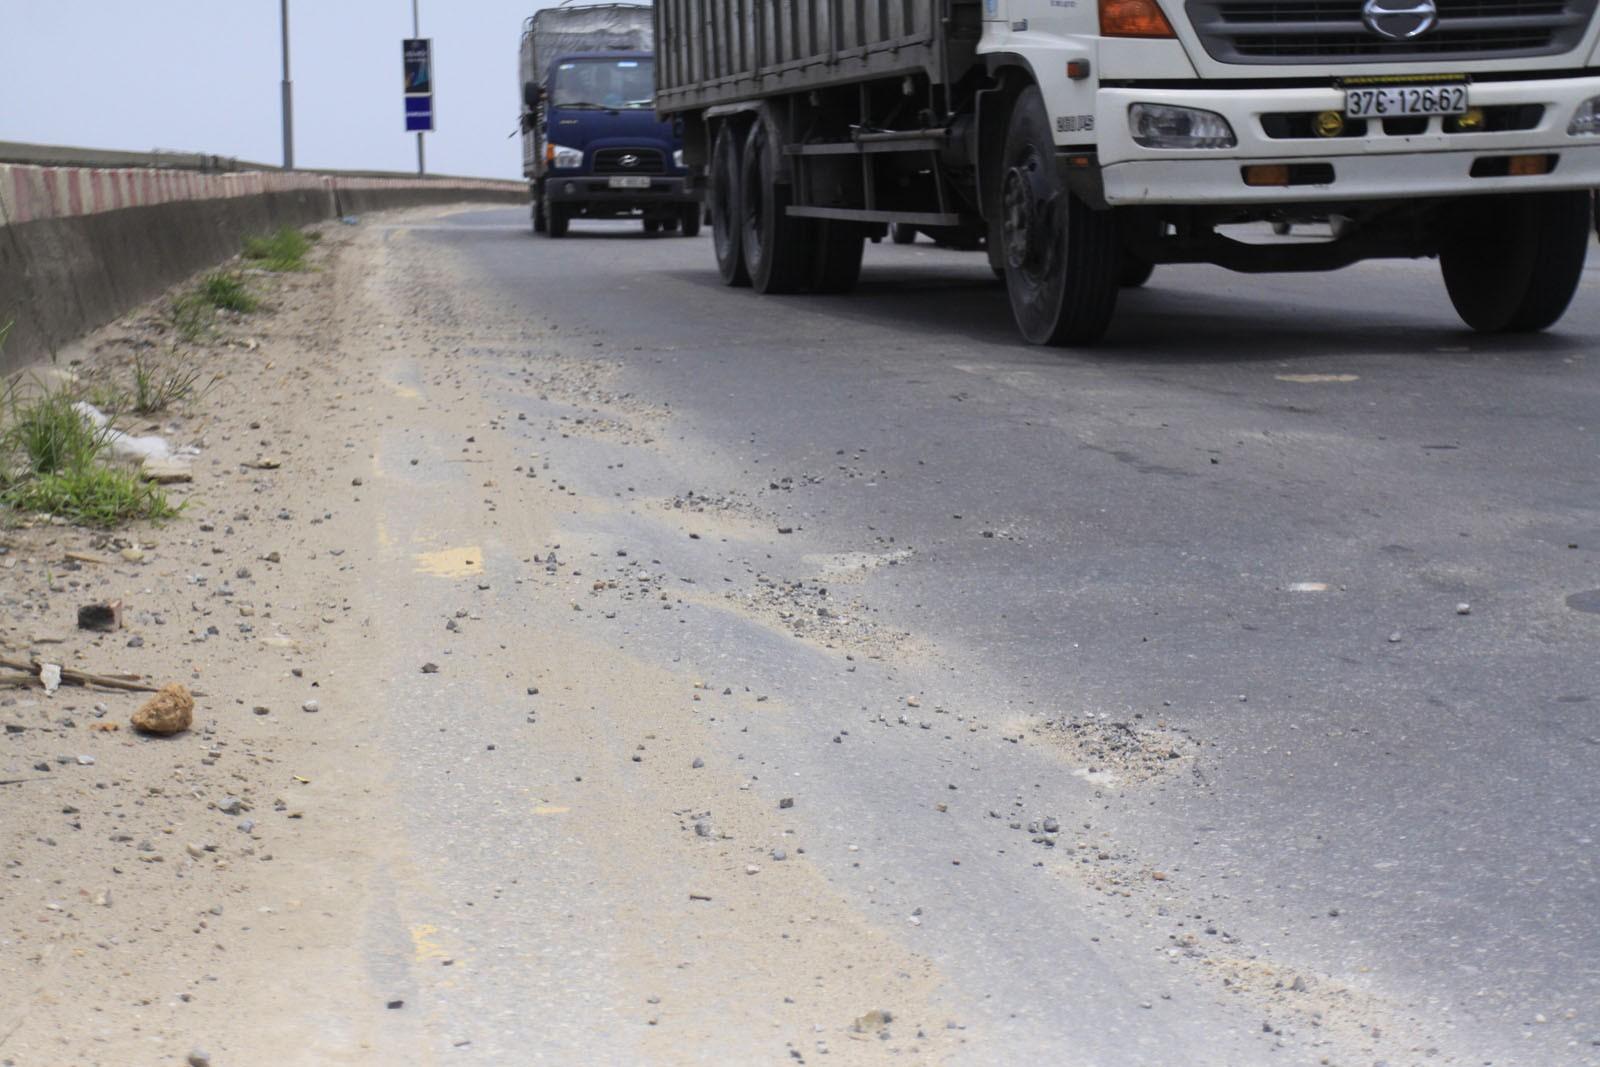 Cận cảnh mặt cầu Thăng Long bị hằn lún, rạn nứt nghiêm trọng